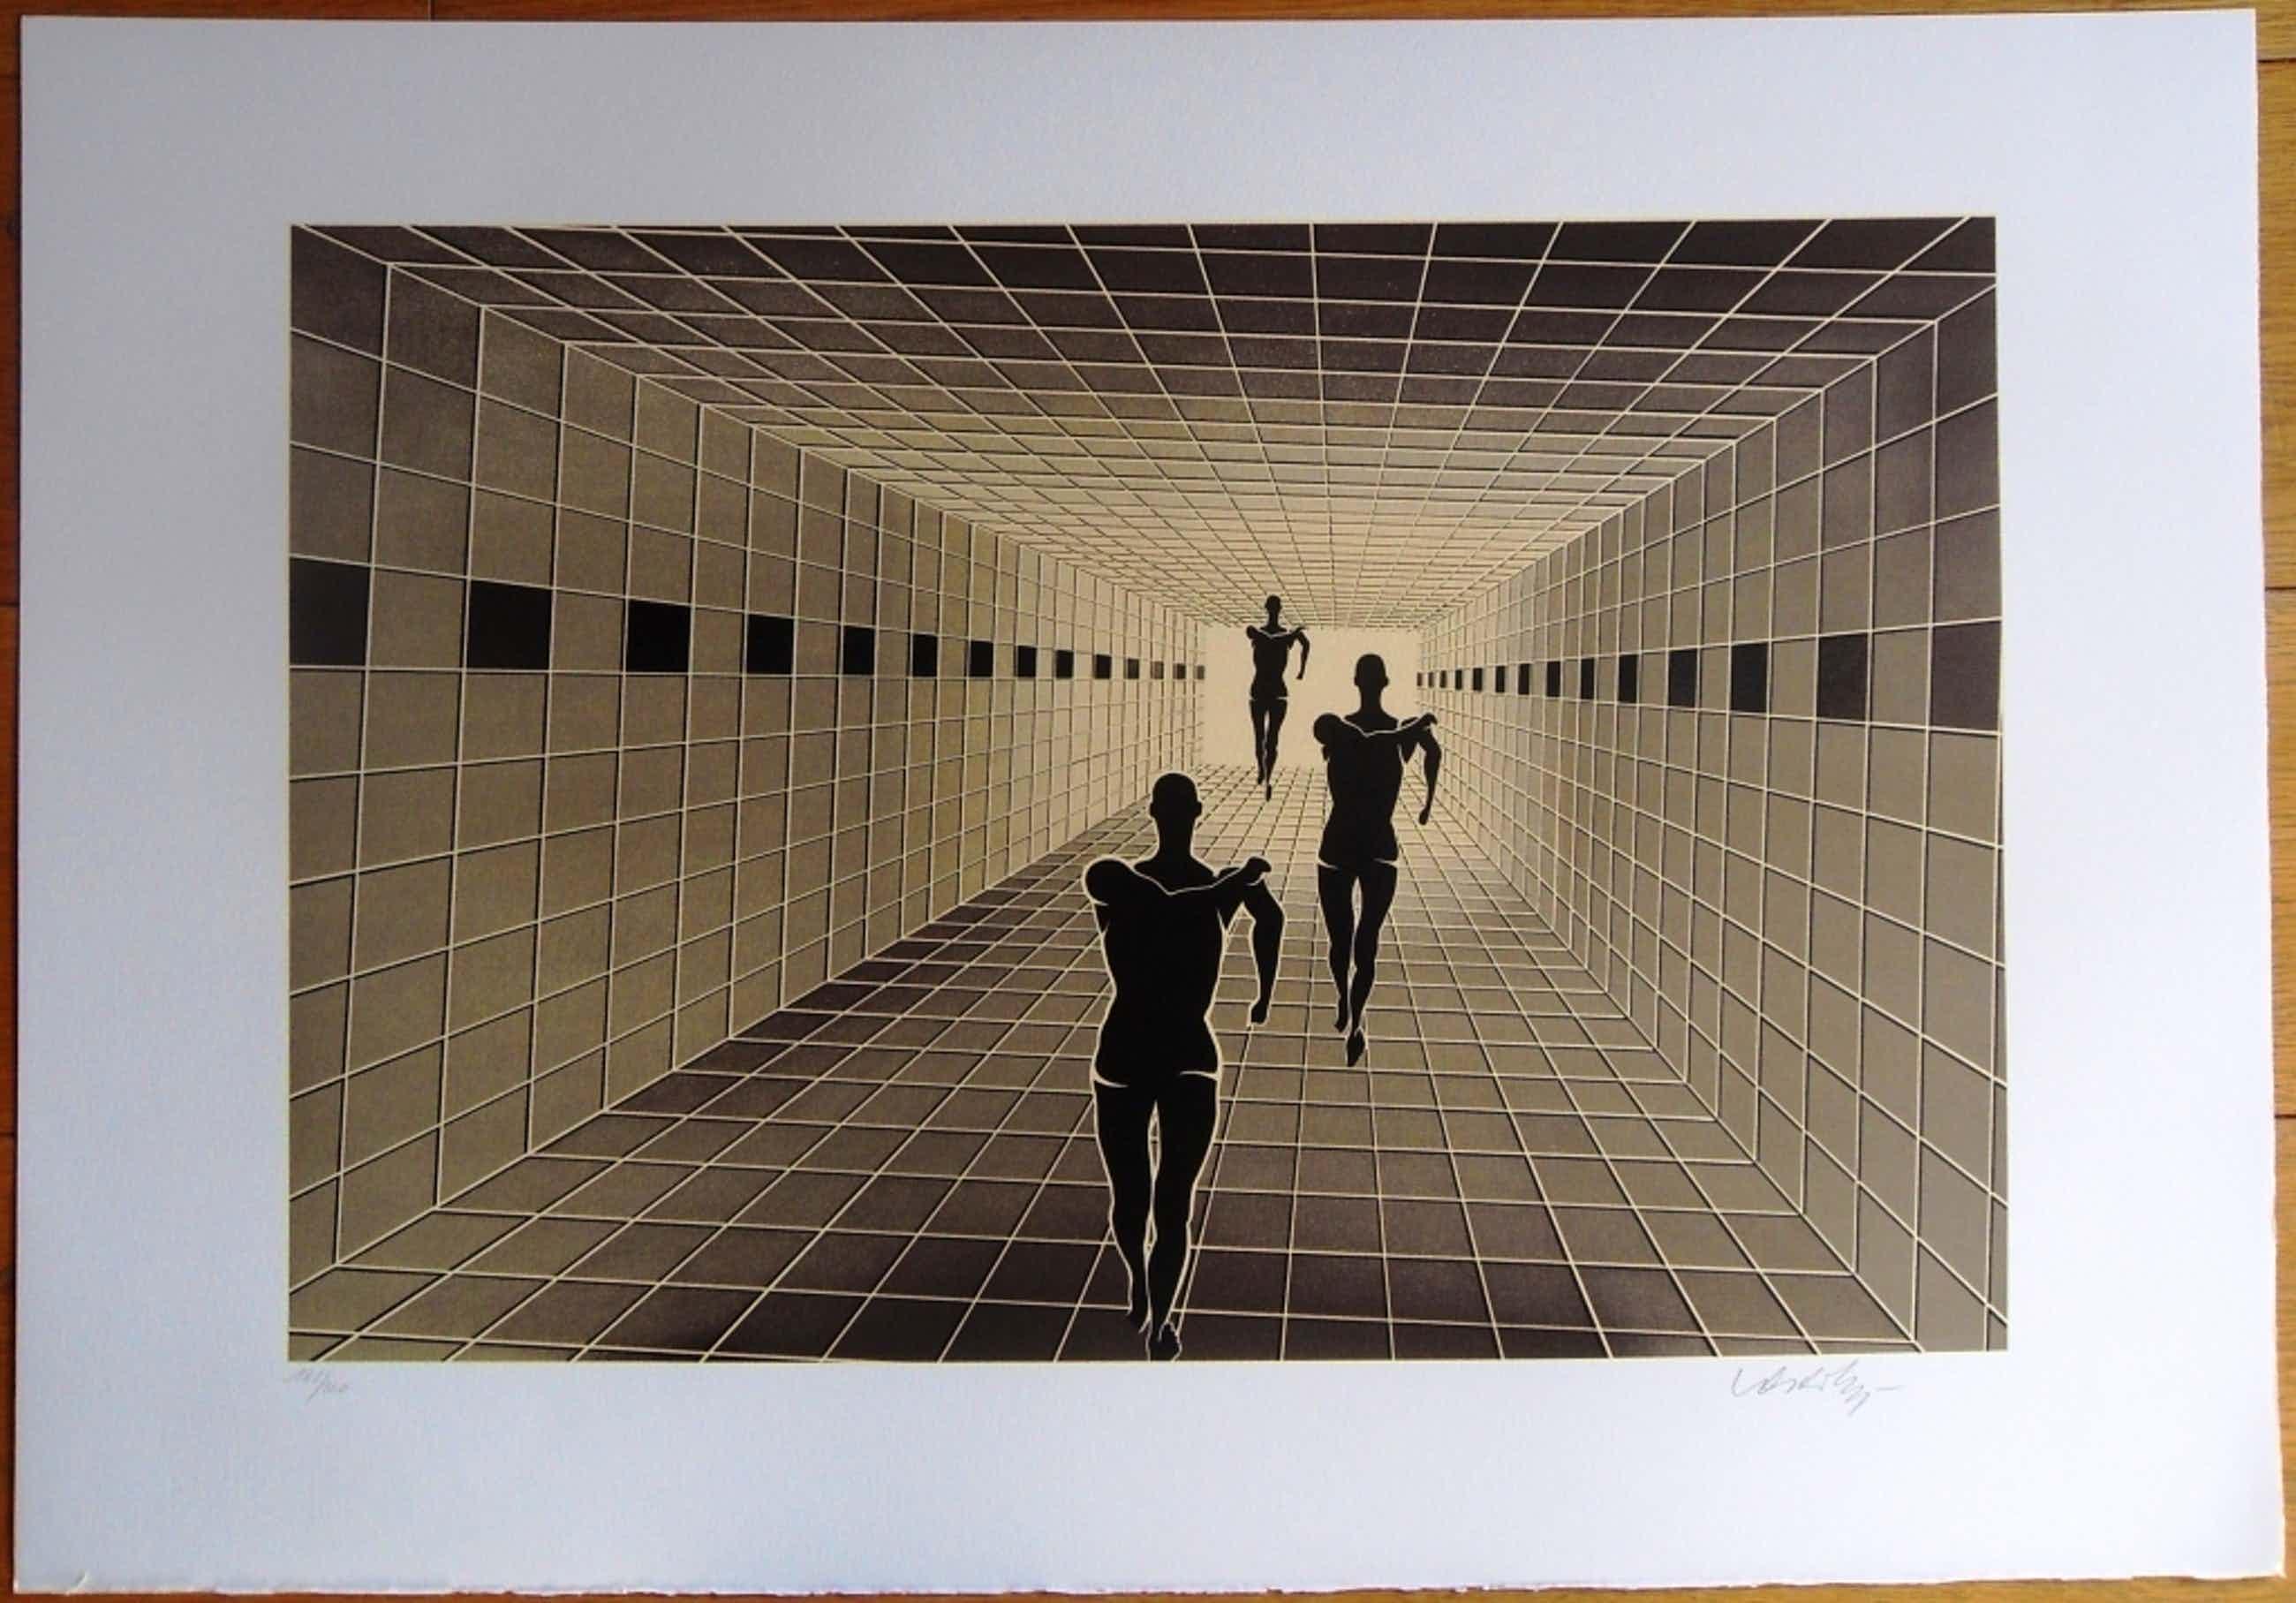 Vasarely: Etude de perspective kopen? Bied vanaf 325!